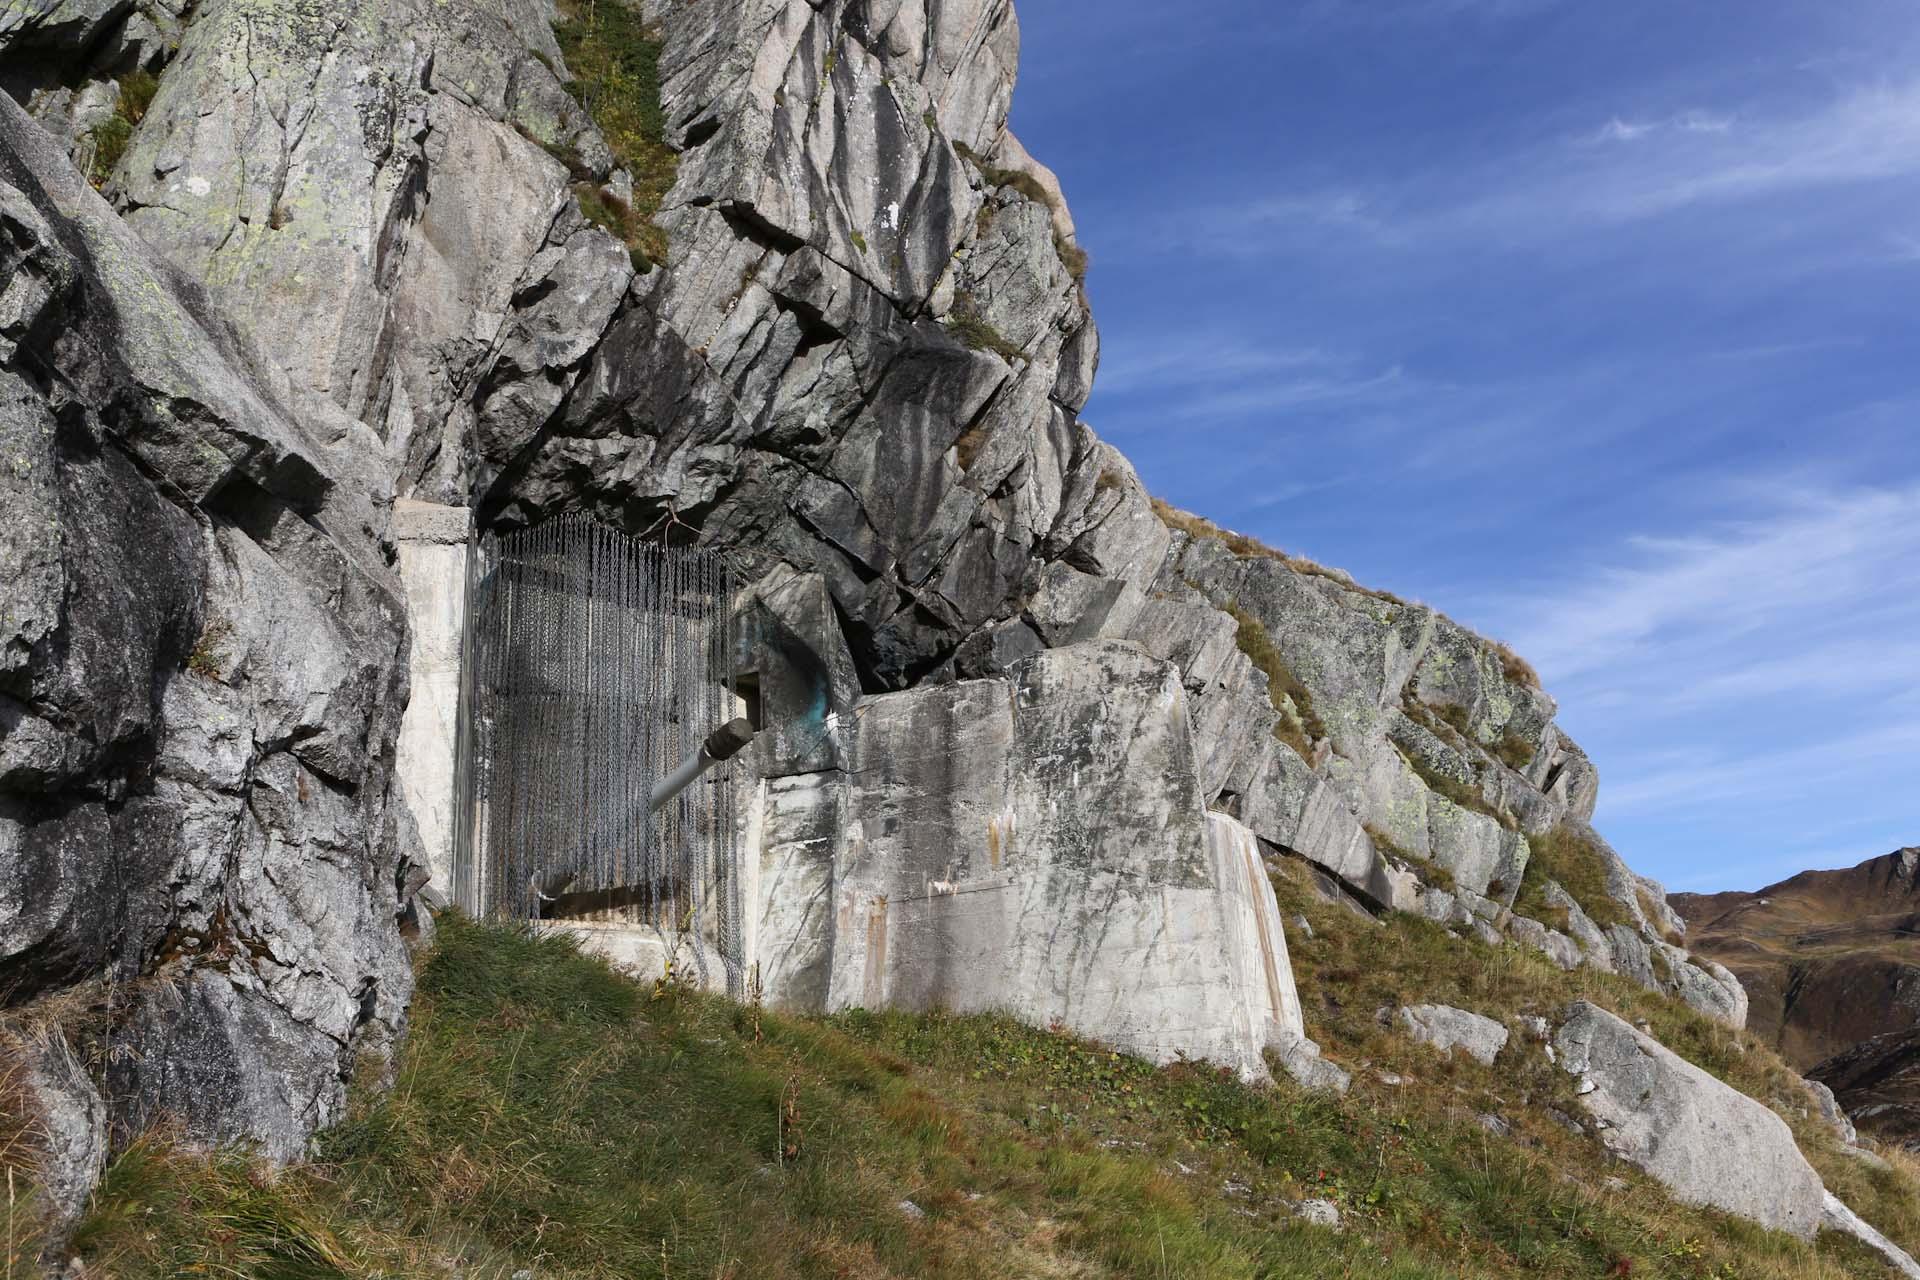 Fast in der Felswand verborgen liegen die Rohre der großkalibrigen Waffen. Im Juli 1943 waren die ersten zwei 10,5-cm-Kanonen schussbereit – komplett fertiggestellt wurde die Anlage aber erst zum Ende des zweiten Weltkrieg.